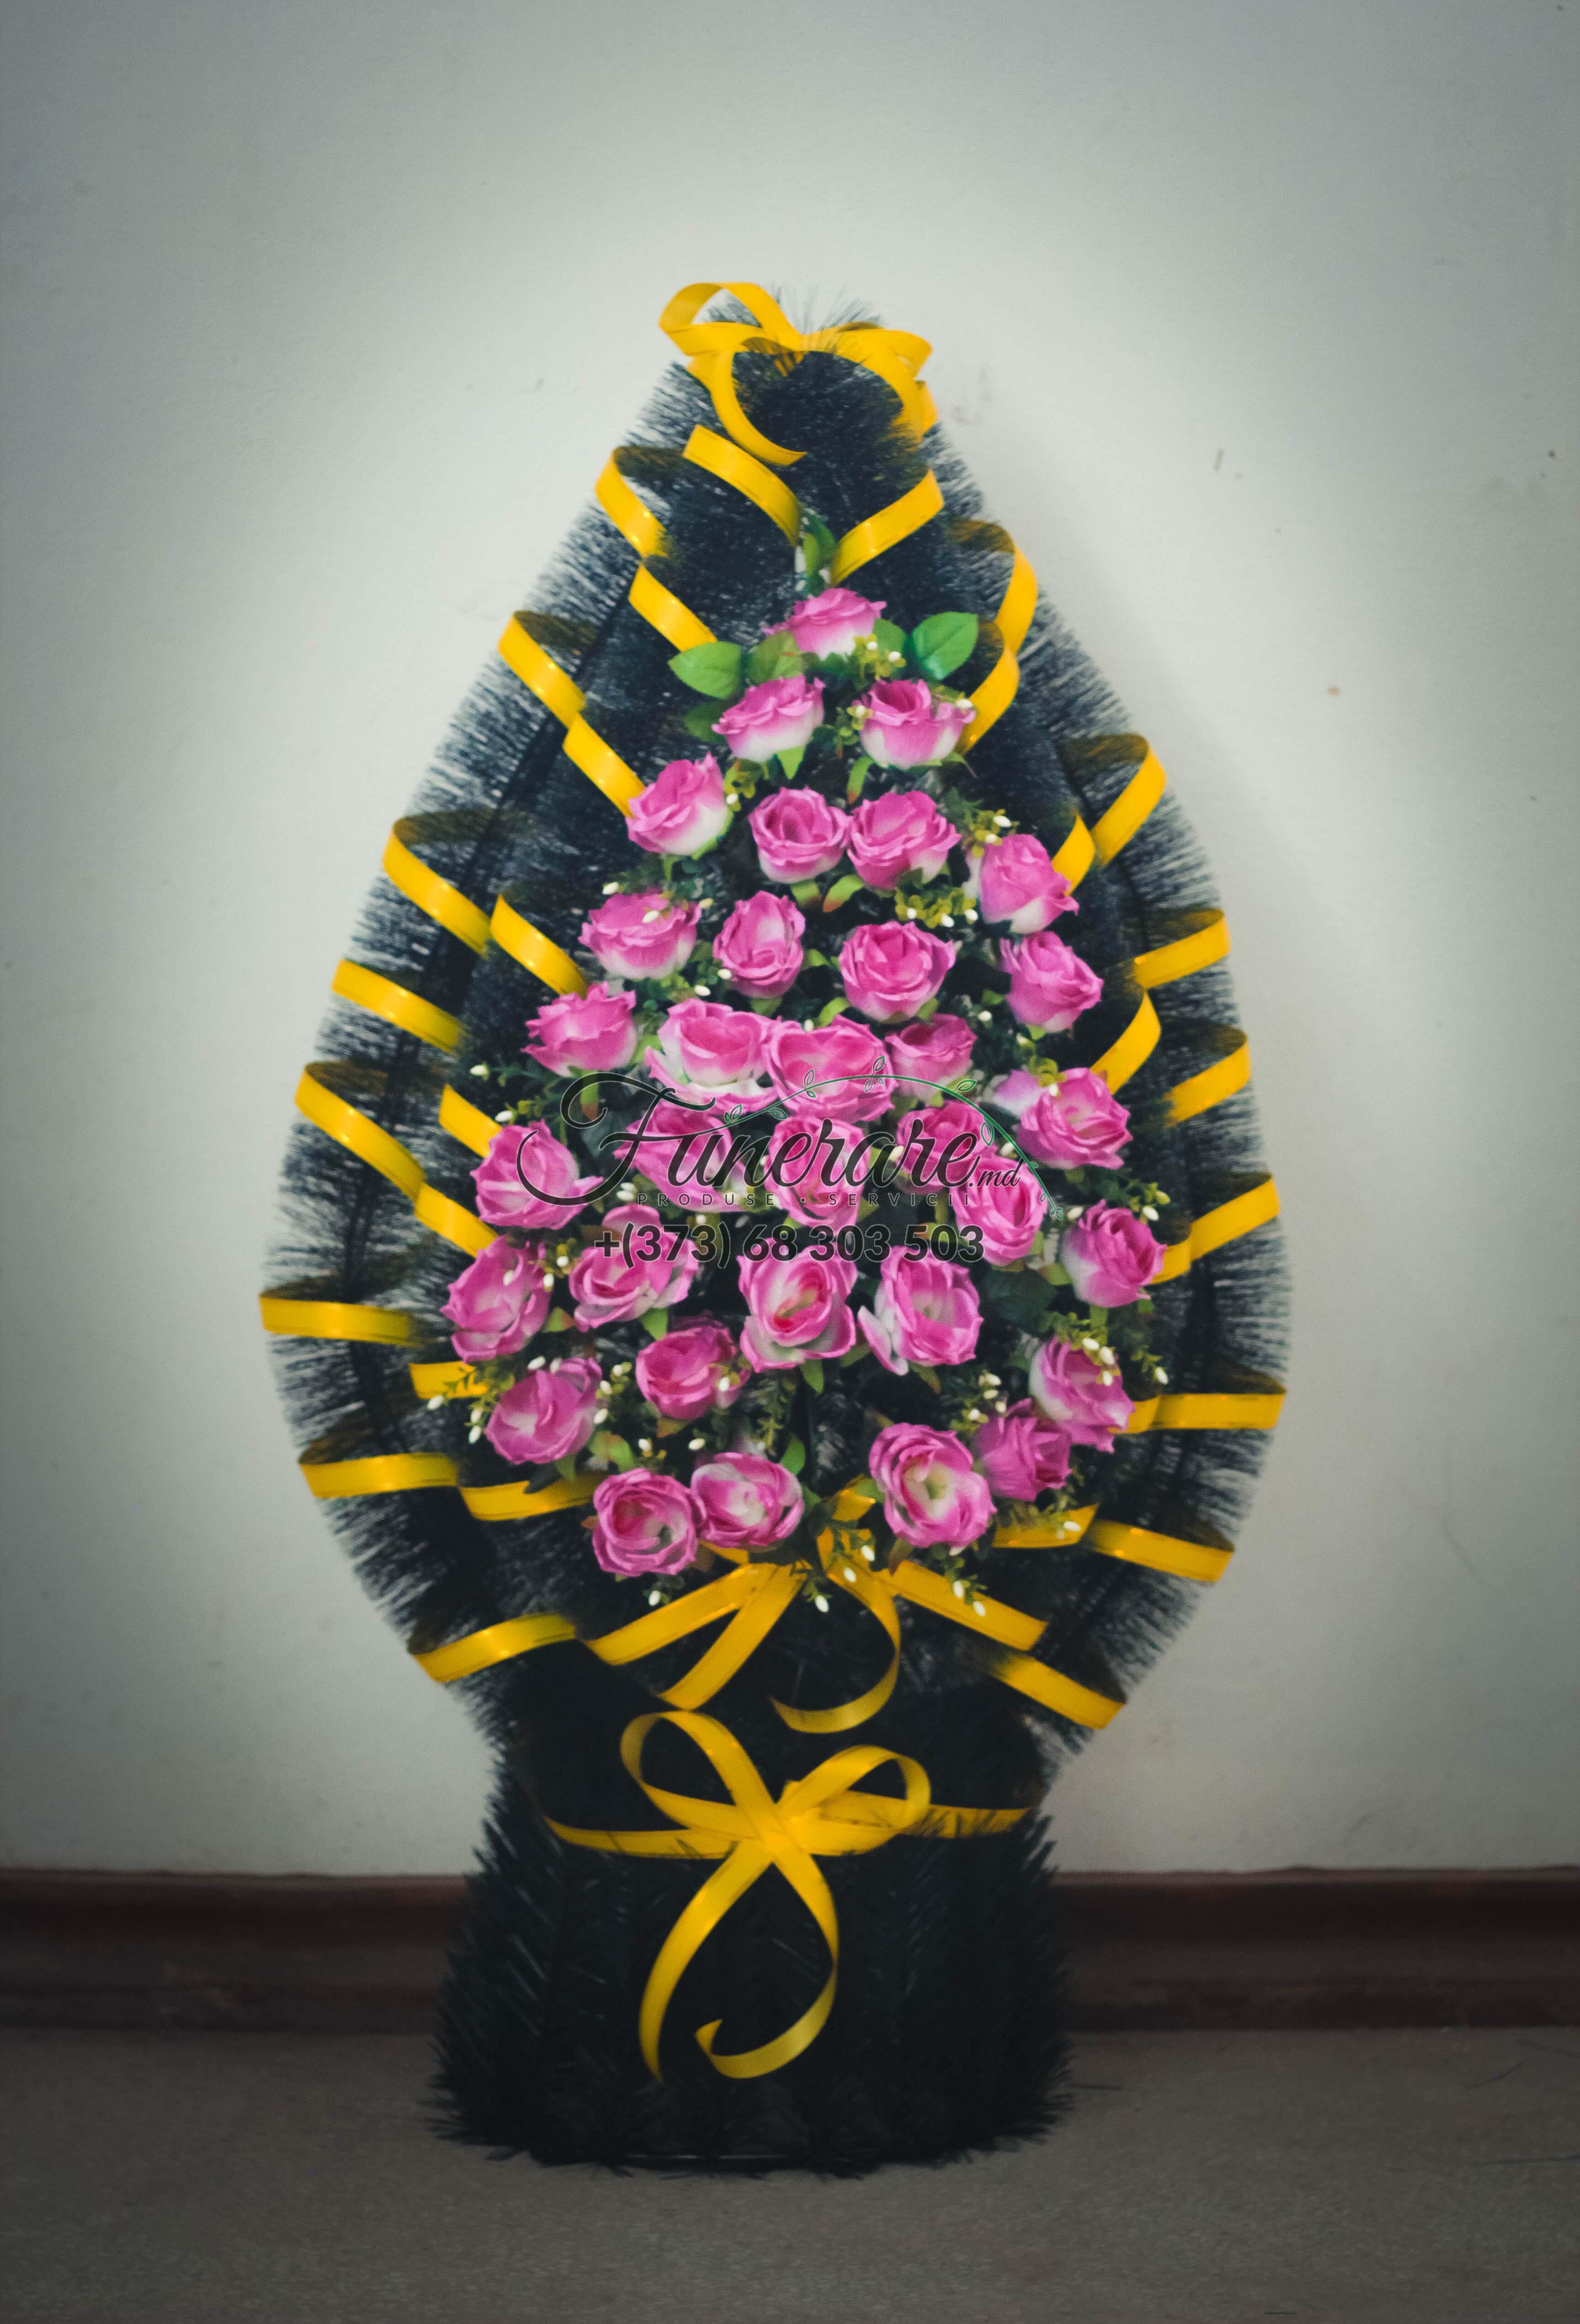 Coroane funerare 0399